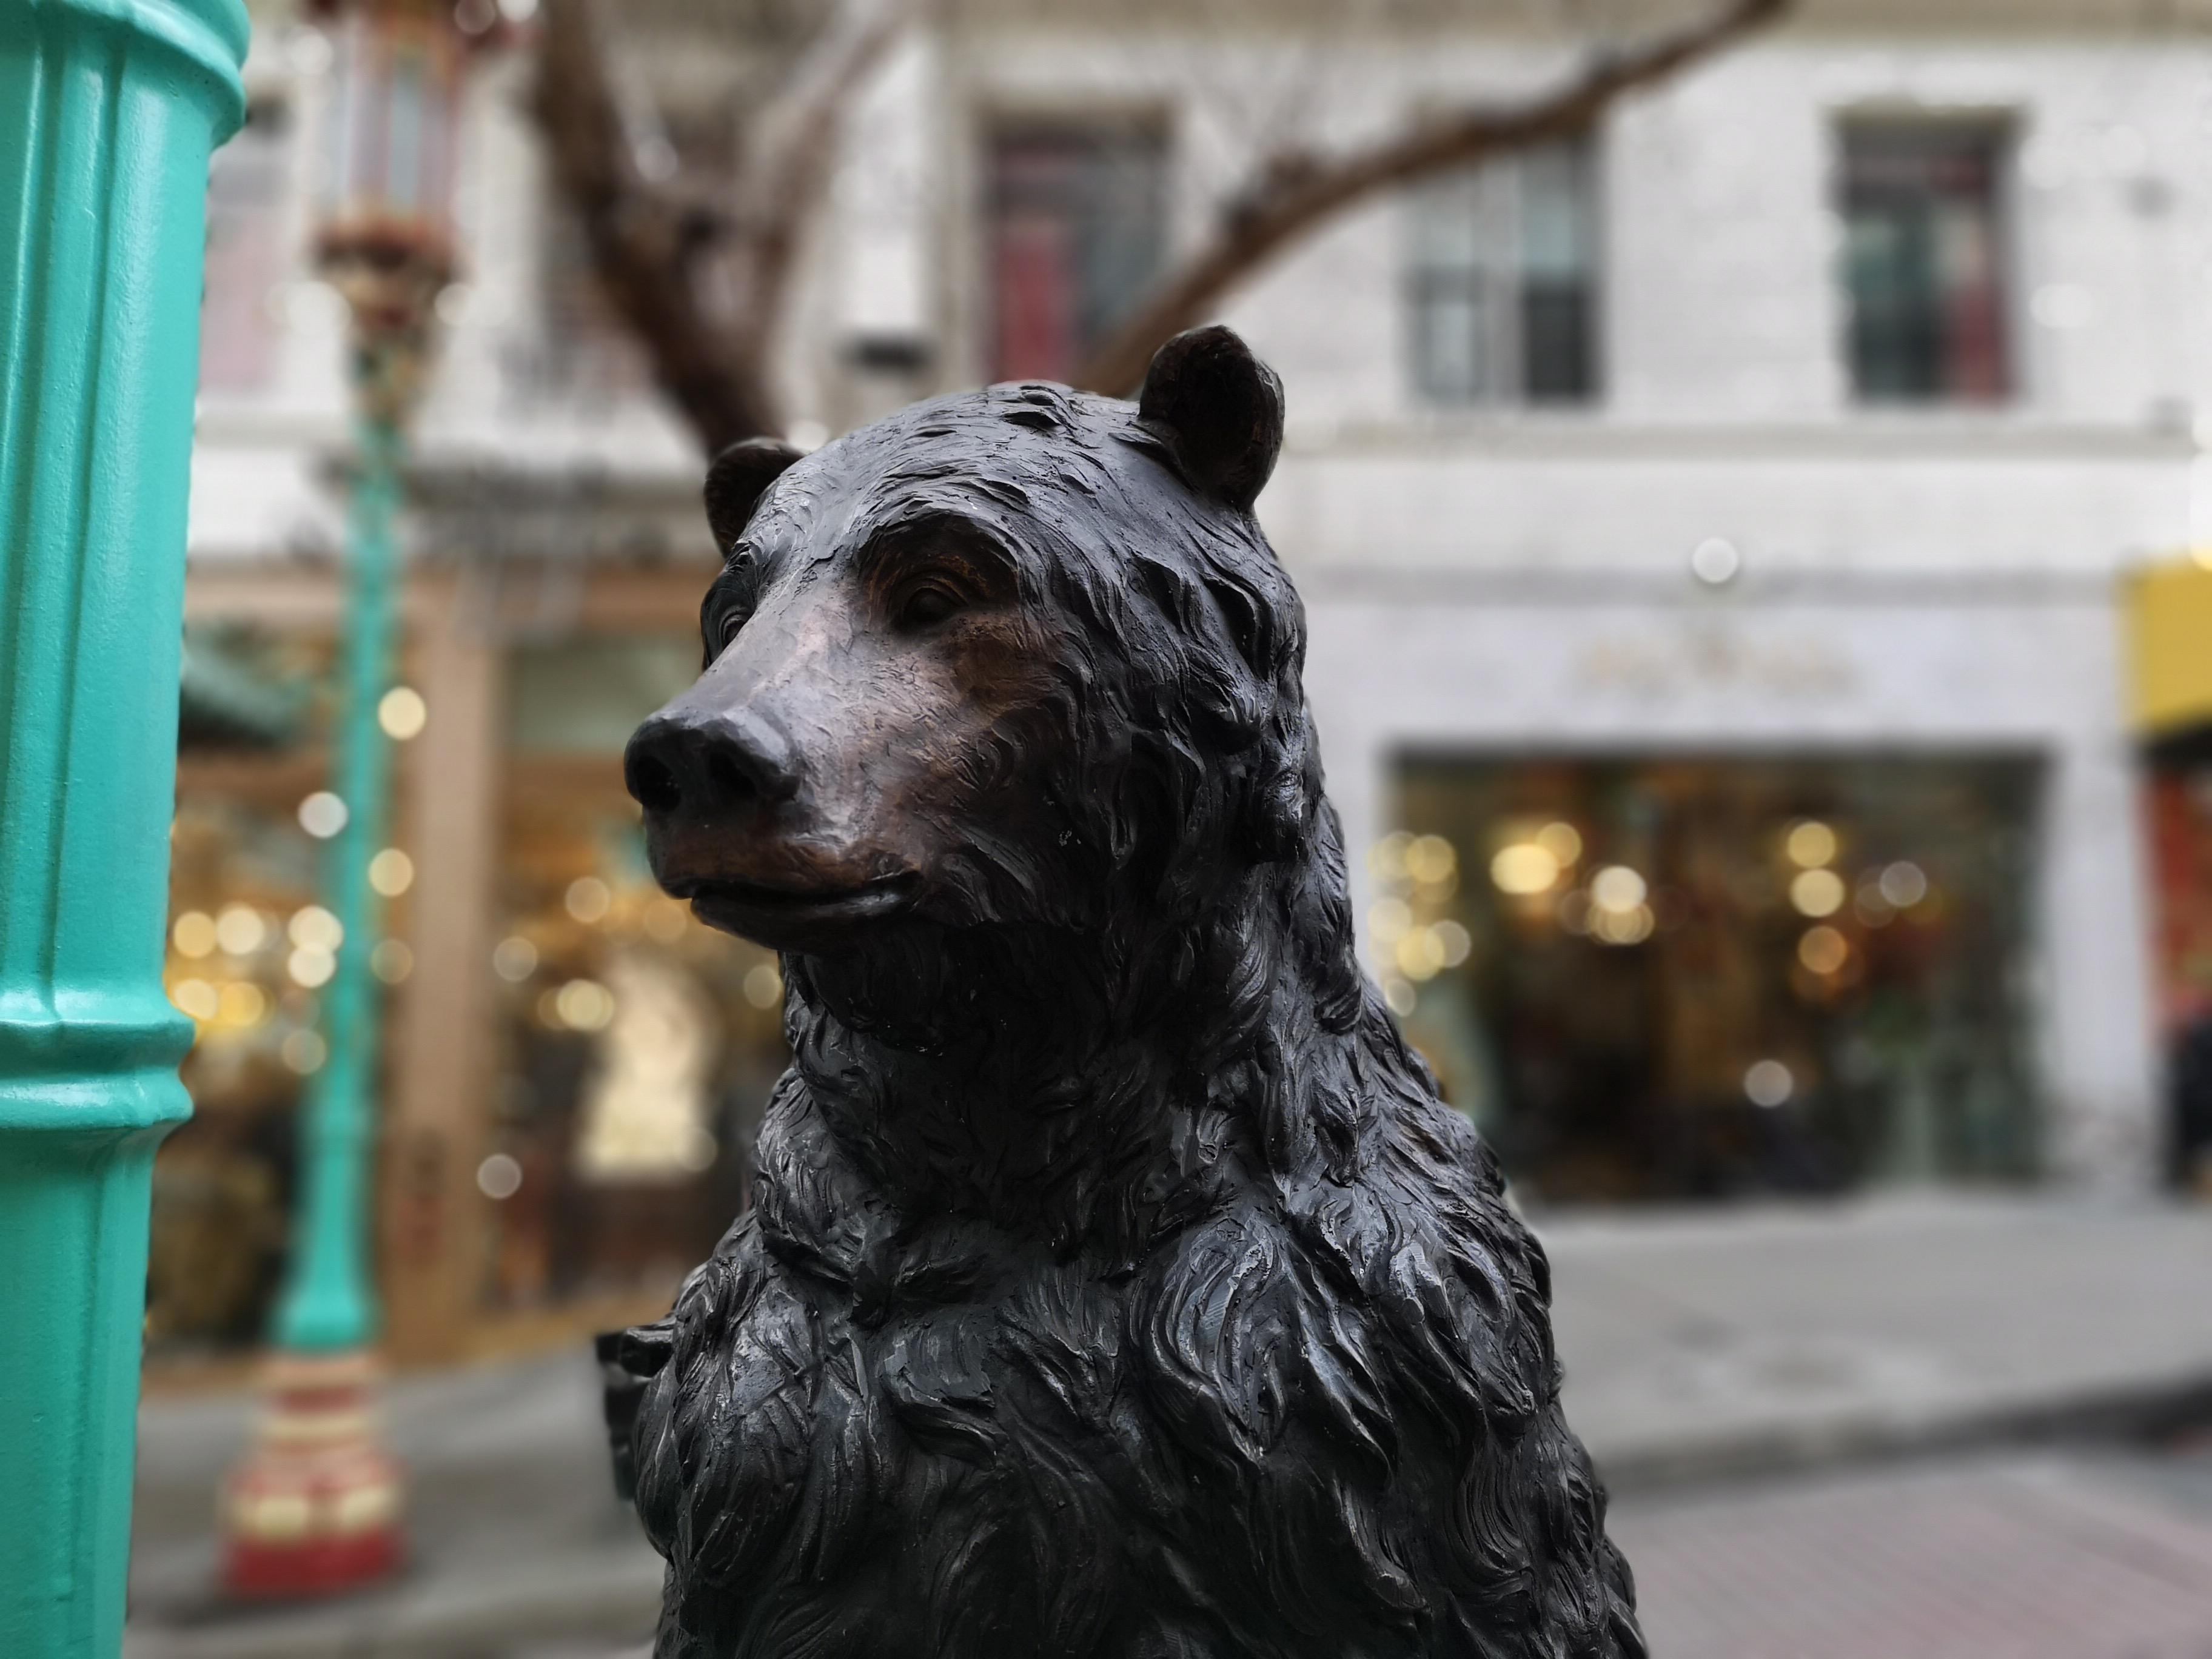 Lihatlah kualiti fokus pada imej beruang ini.